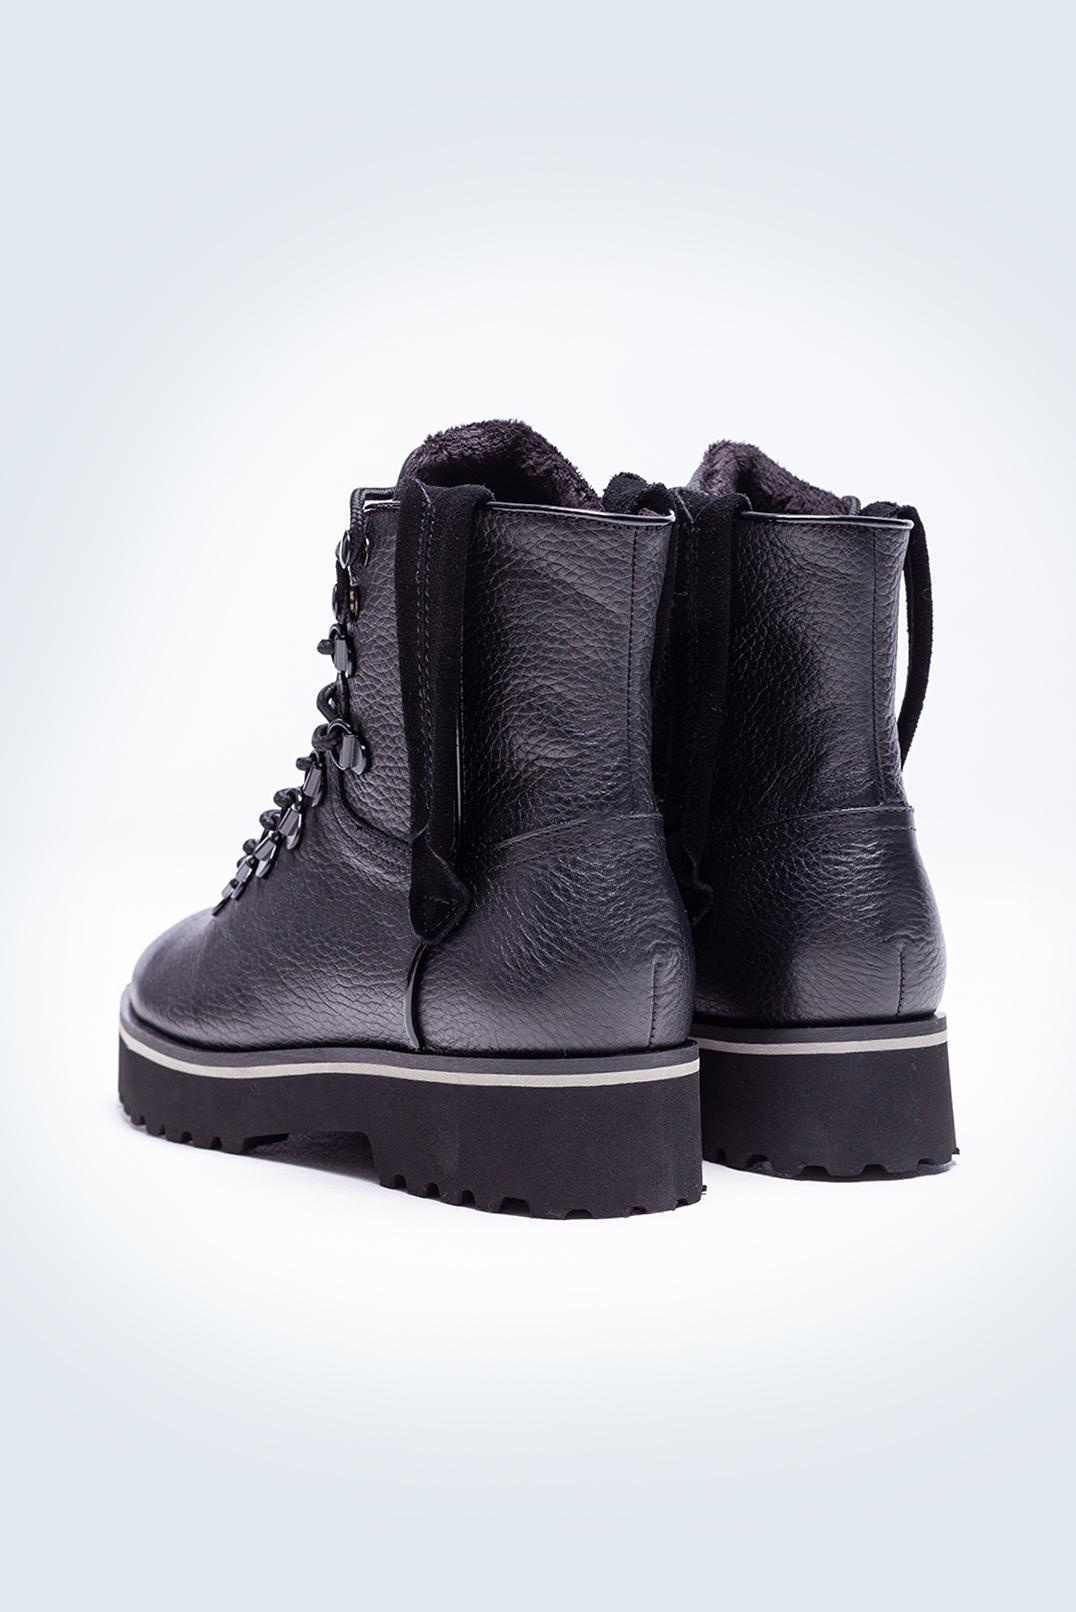 Ботинки KENDALL&KYLIE KKsh29007